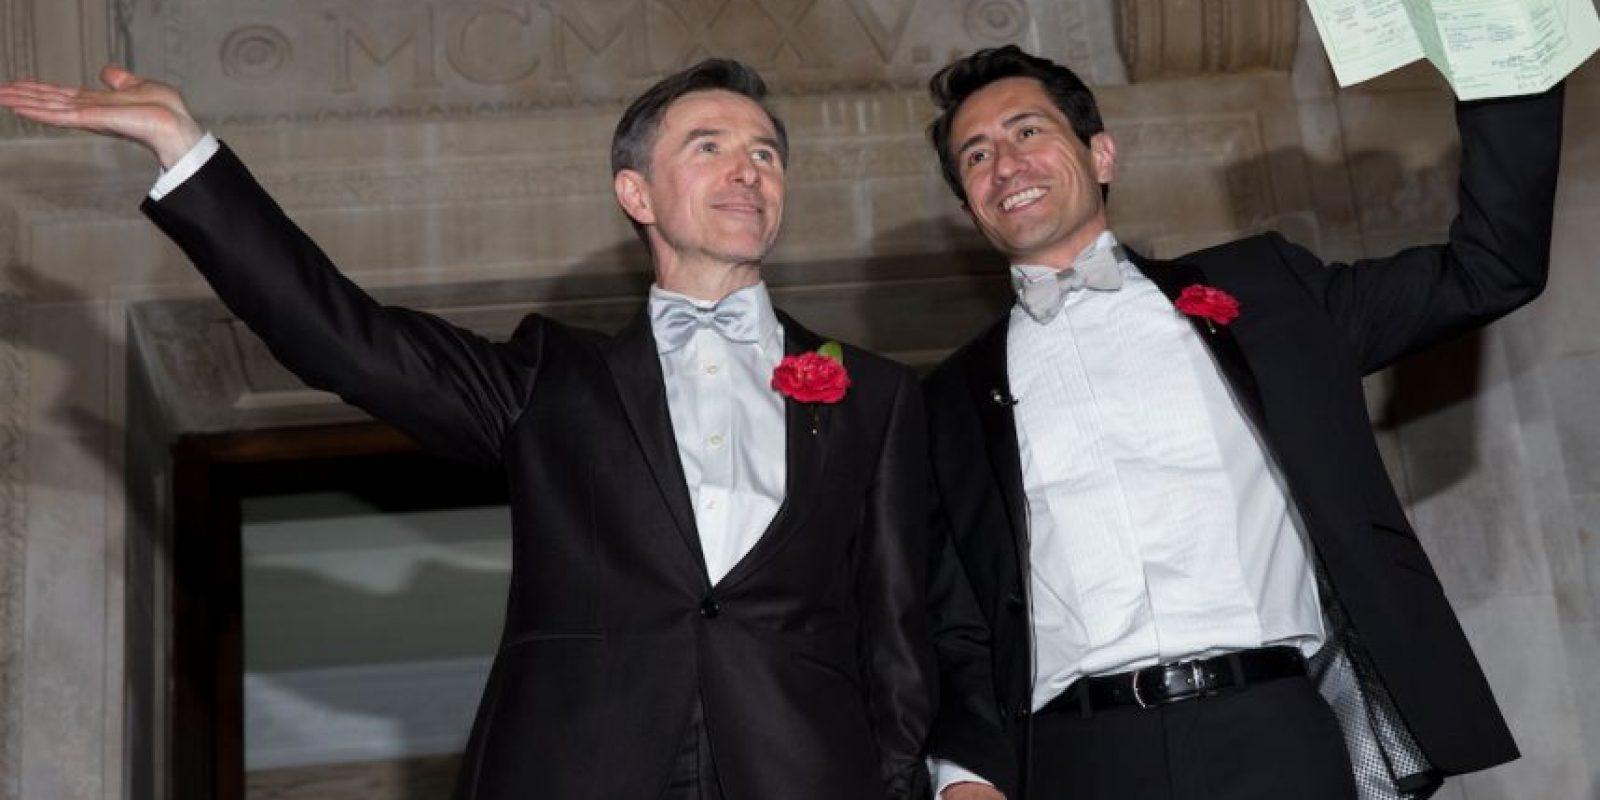 Otros expertos consideran que la homosexualidad es un trastorno mental o una adaptación disfuncional. Foto:Getty Images